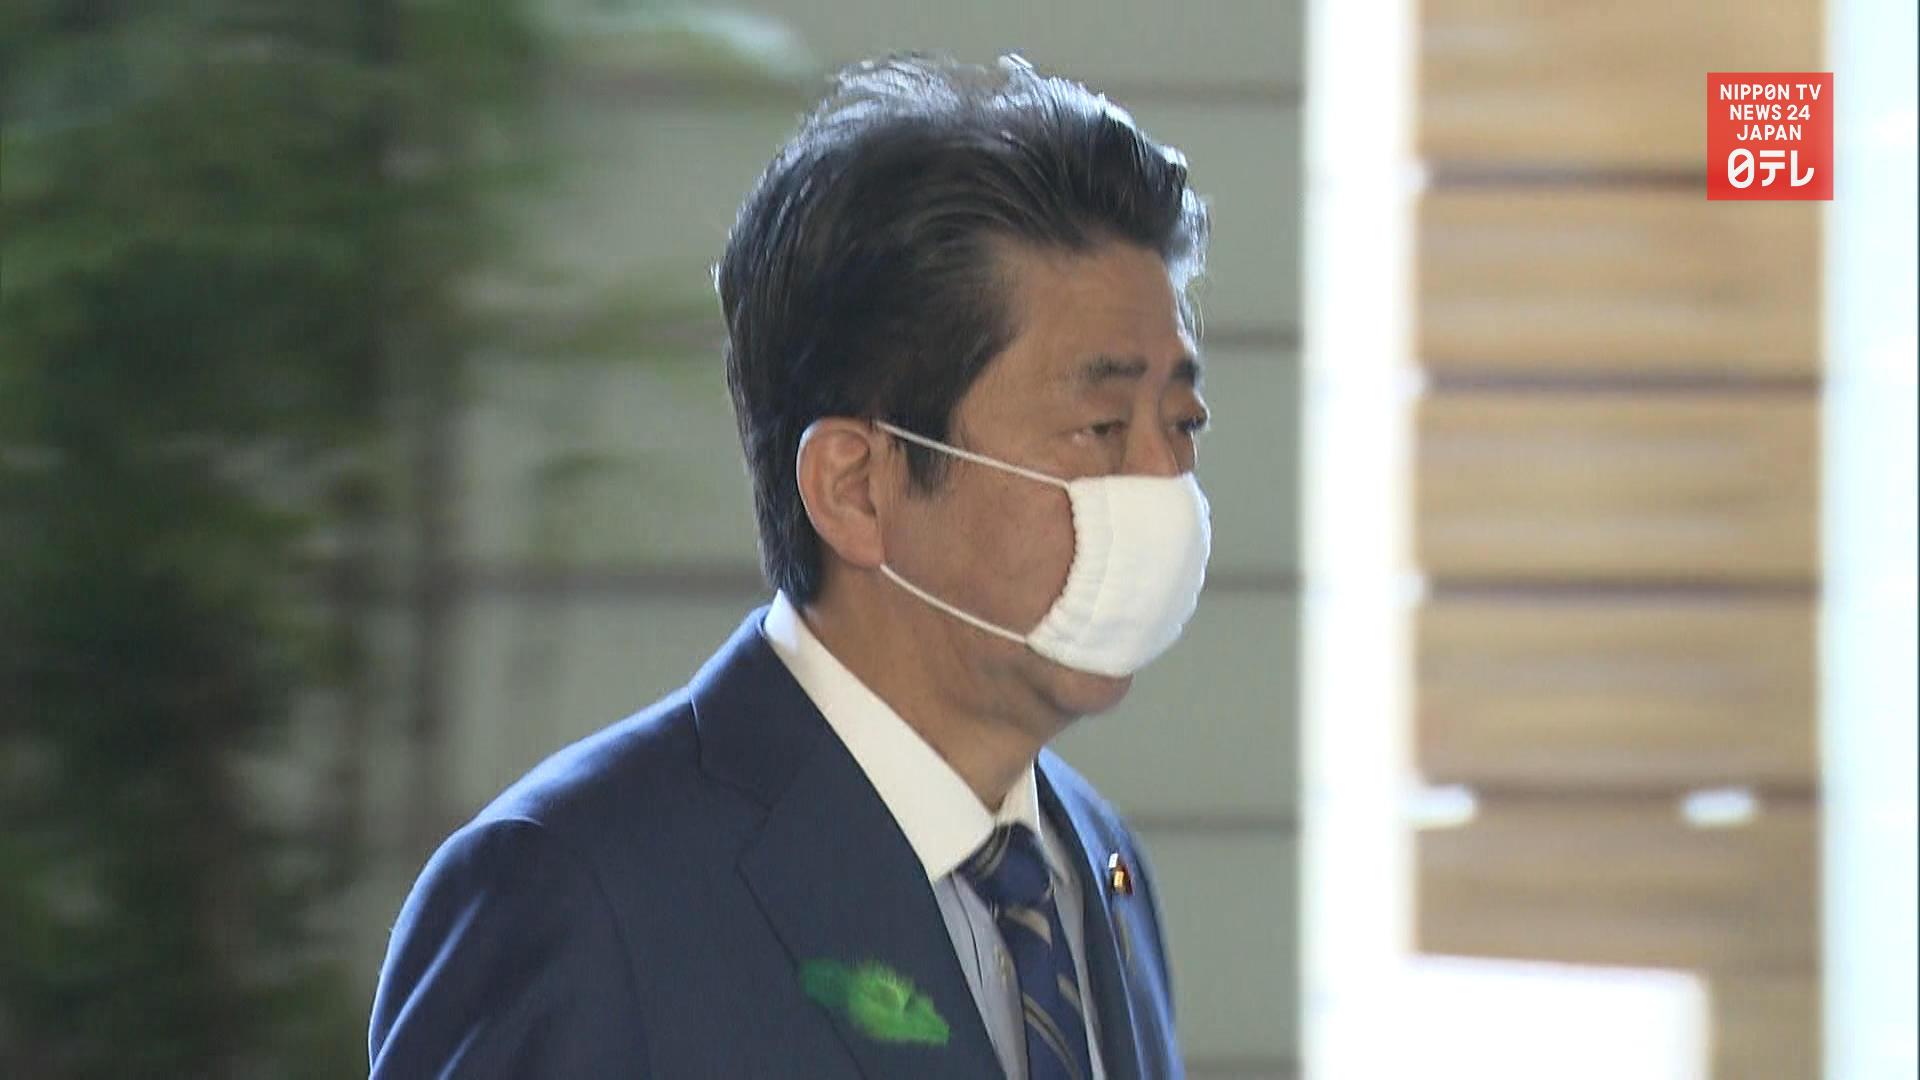 PM Abe mulls cash handouts of 100,000 yen per person